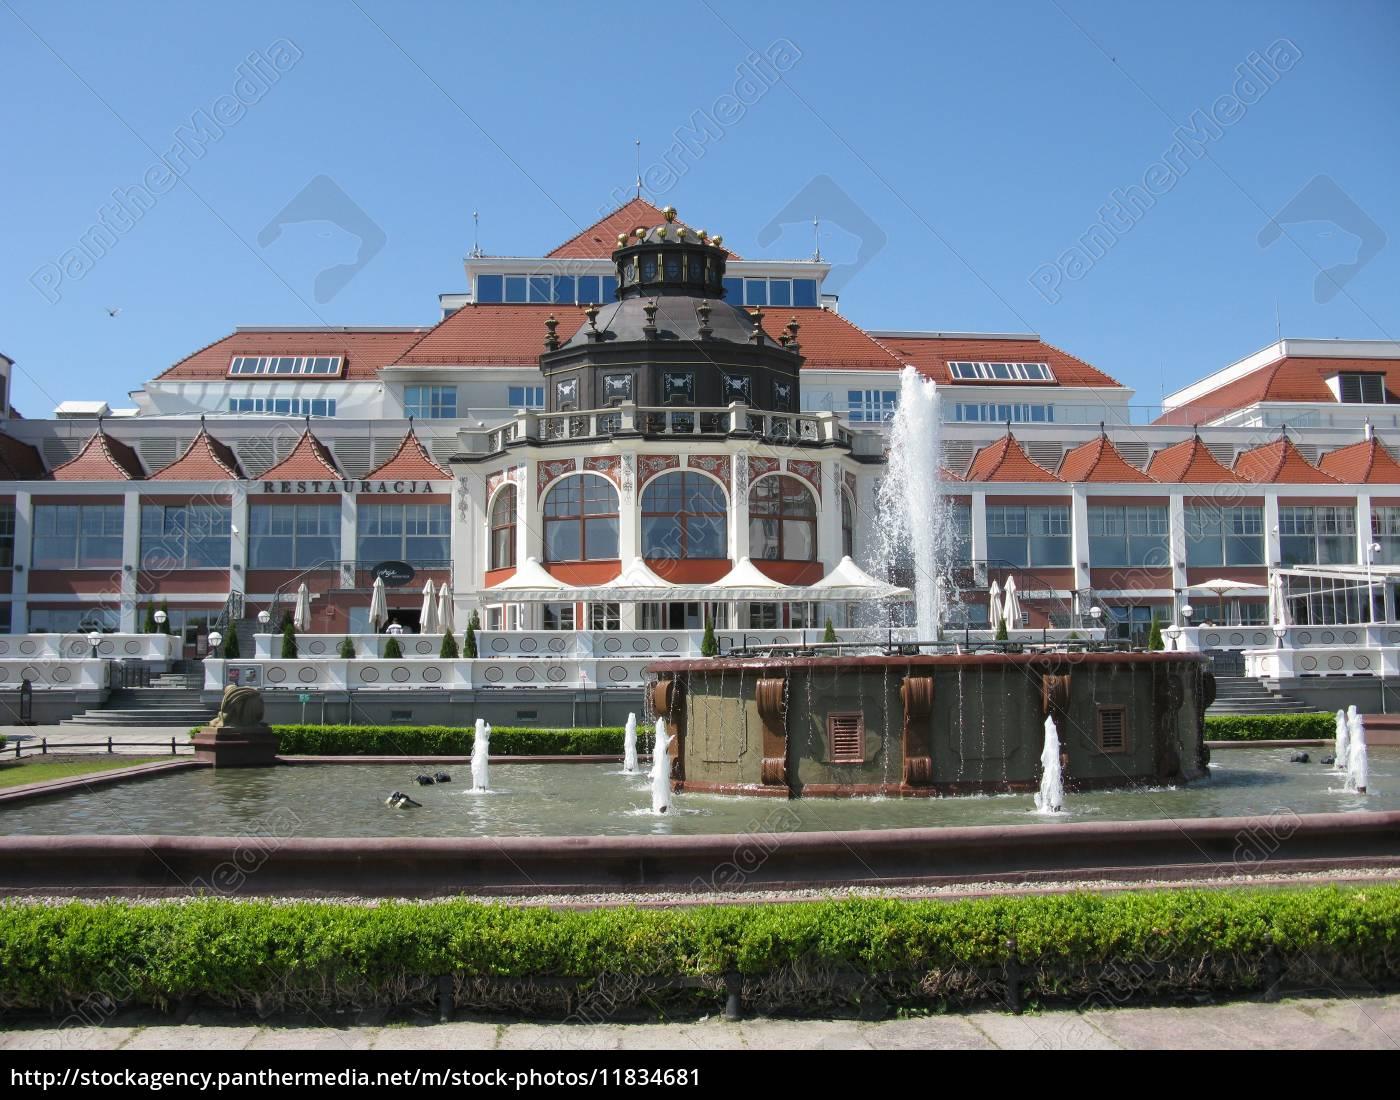 architektura, resort, w, sopocie, sopot - 11834681